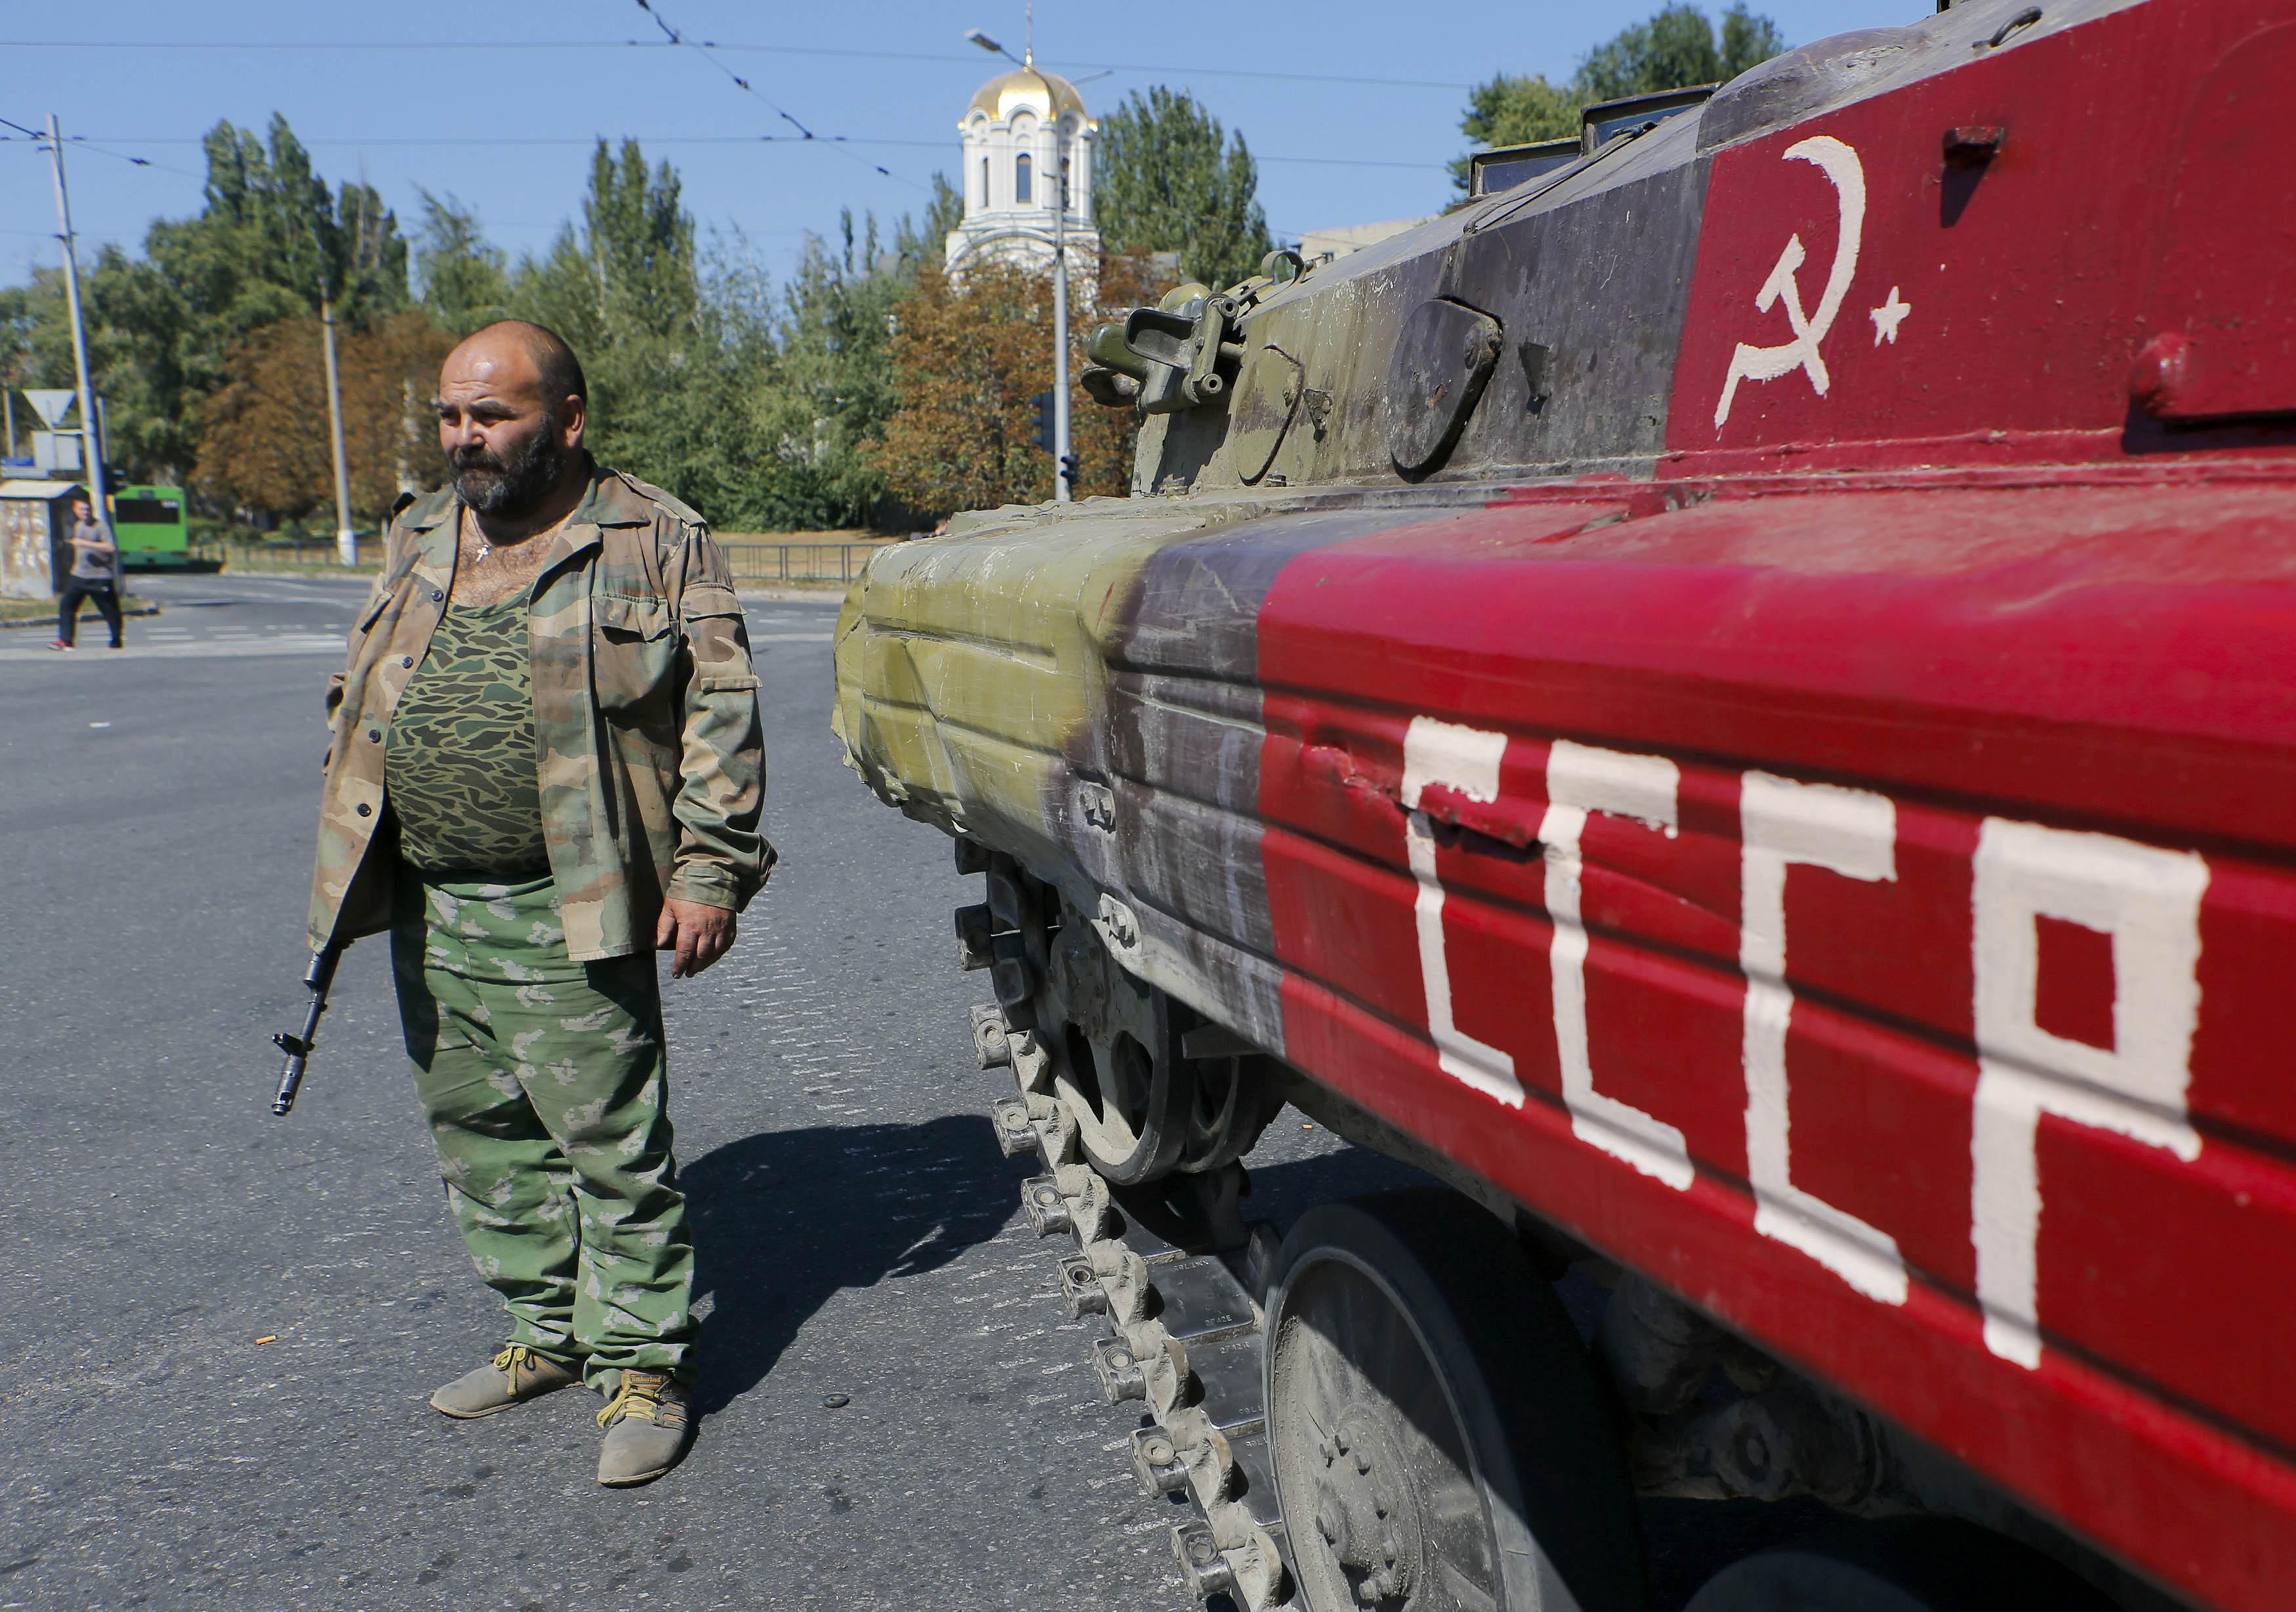 Украинцы ностальгируют по СССР из-за разочарования в нынешней власти, полагает эксперт